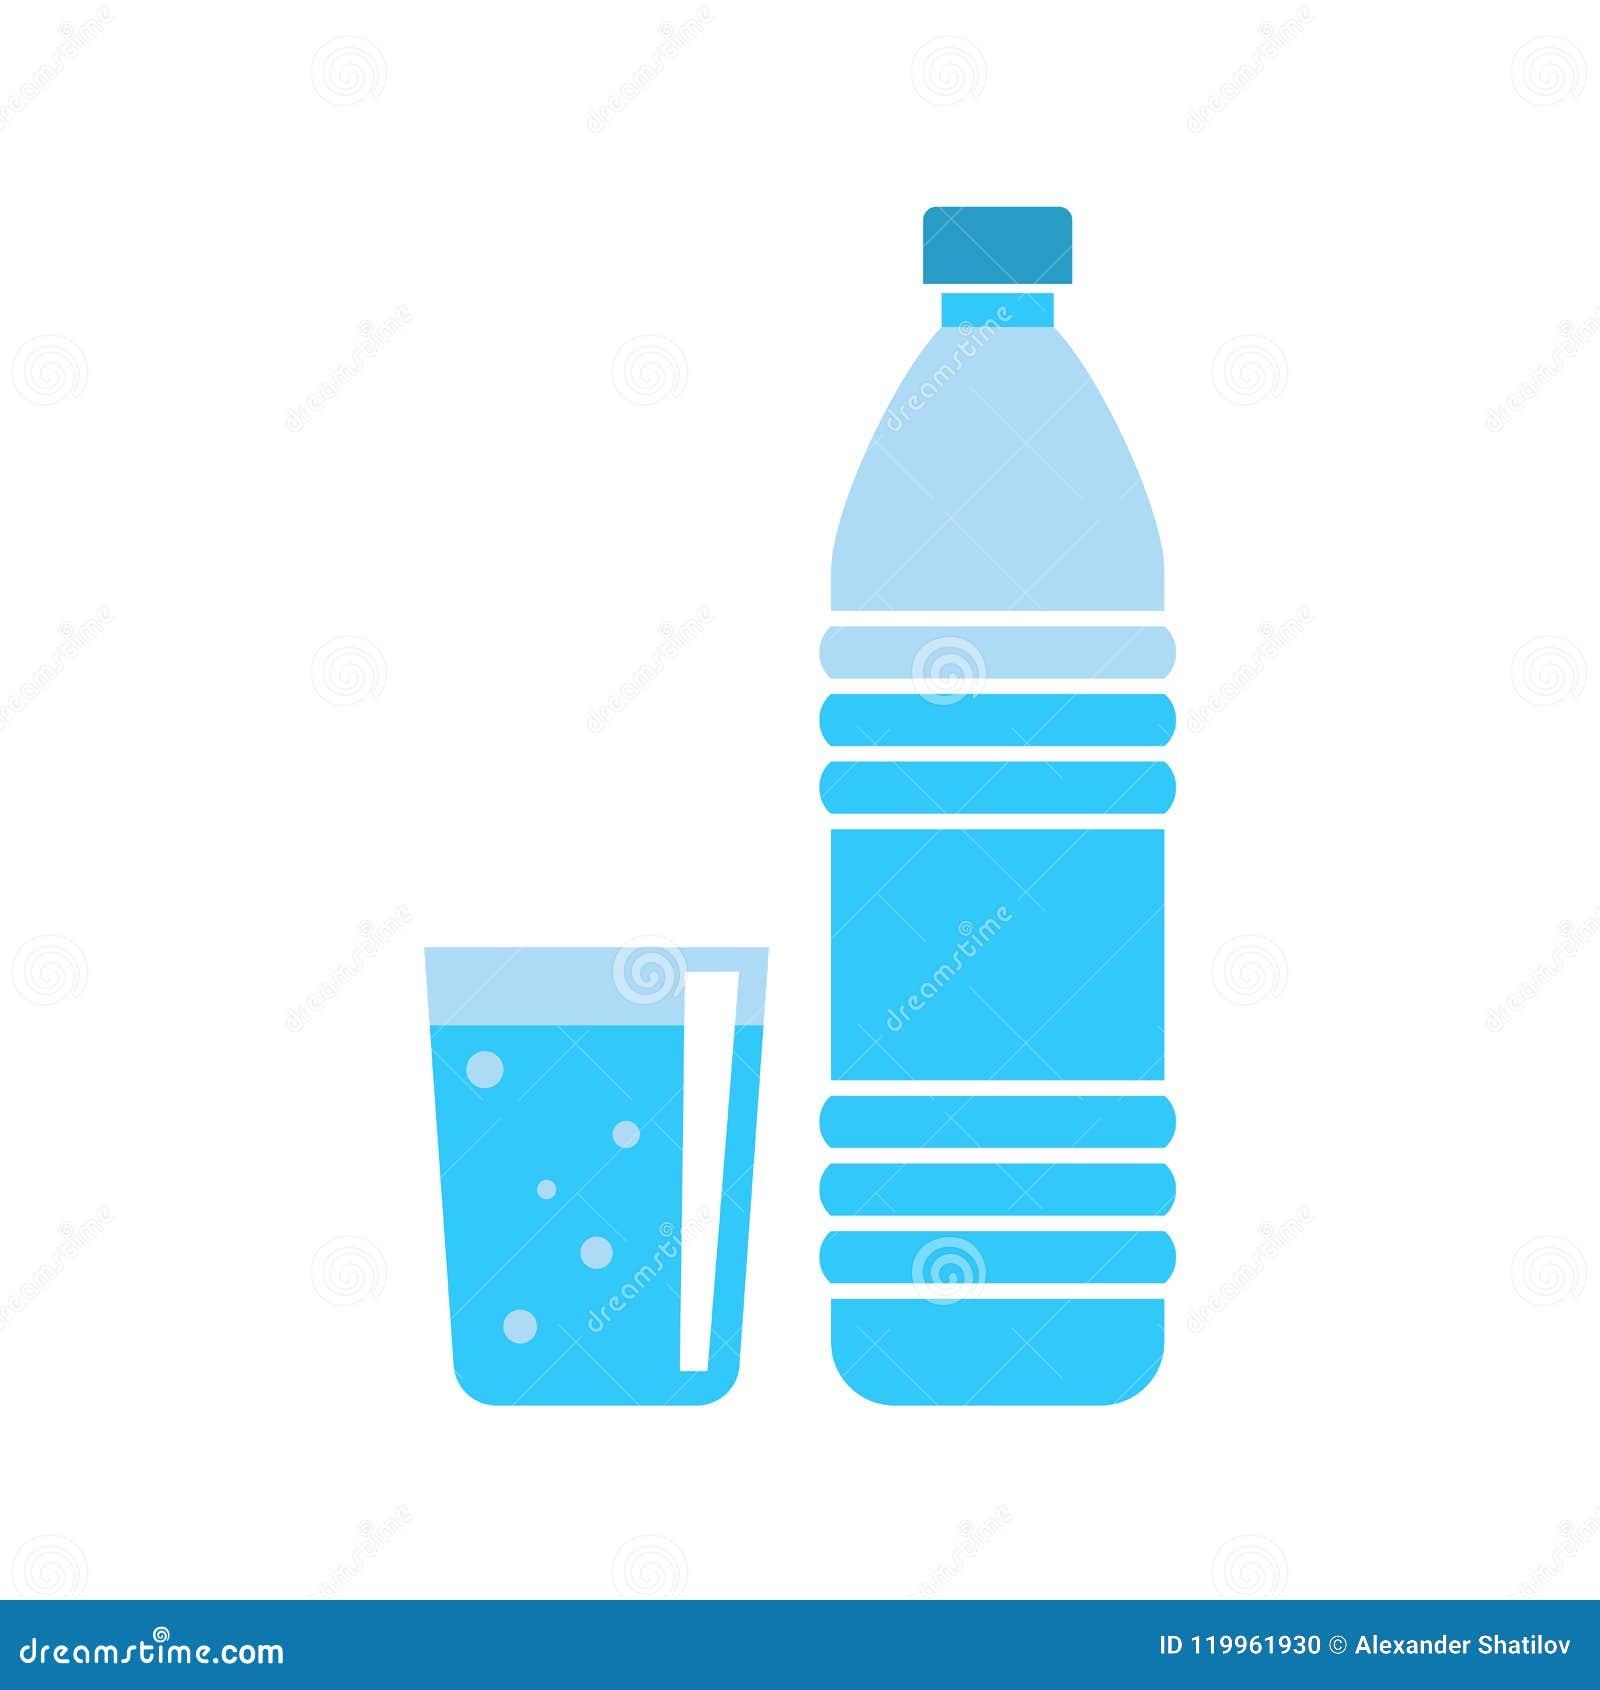 Botella de agua plástica - envase de bebidas - agua mineral fresca - ejemplo plano del vector aislado en el fondo blanco